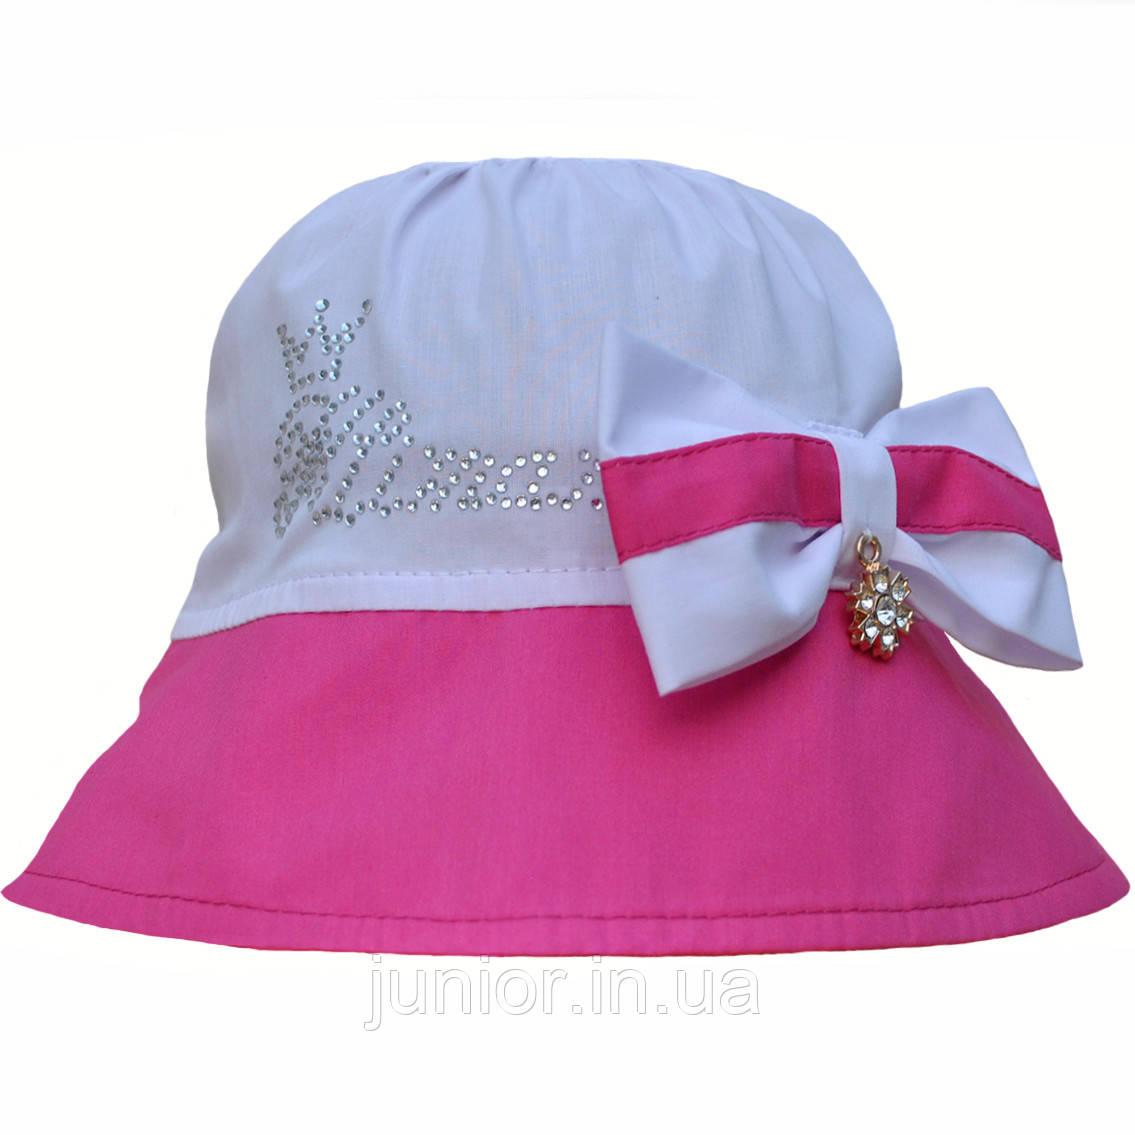 Річна капелюшок панама для дівчинки.Бавовна.52,54,56 р